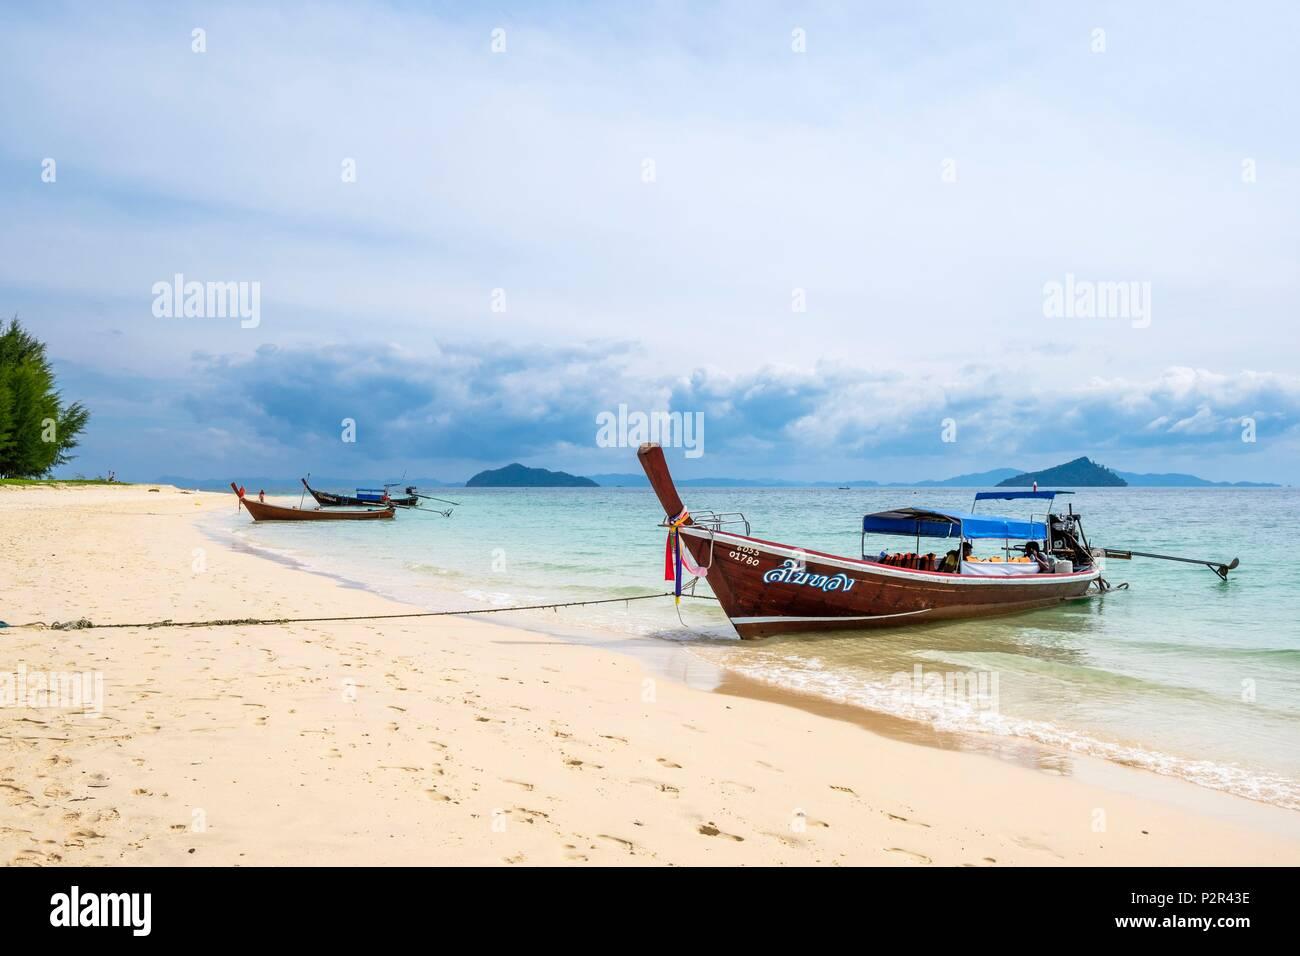 Thailandia, provincia di Satun, Mu Ko Phetra il Parco Marino Nazionale, Ko Bulon Leh island, la grande spiaggia di sabbia bianca a est dell'isola Immagini Stock